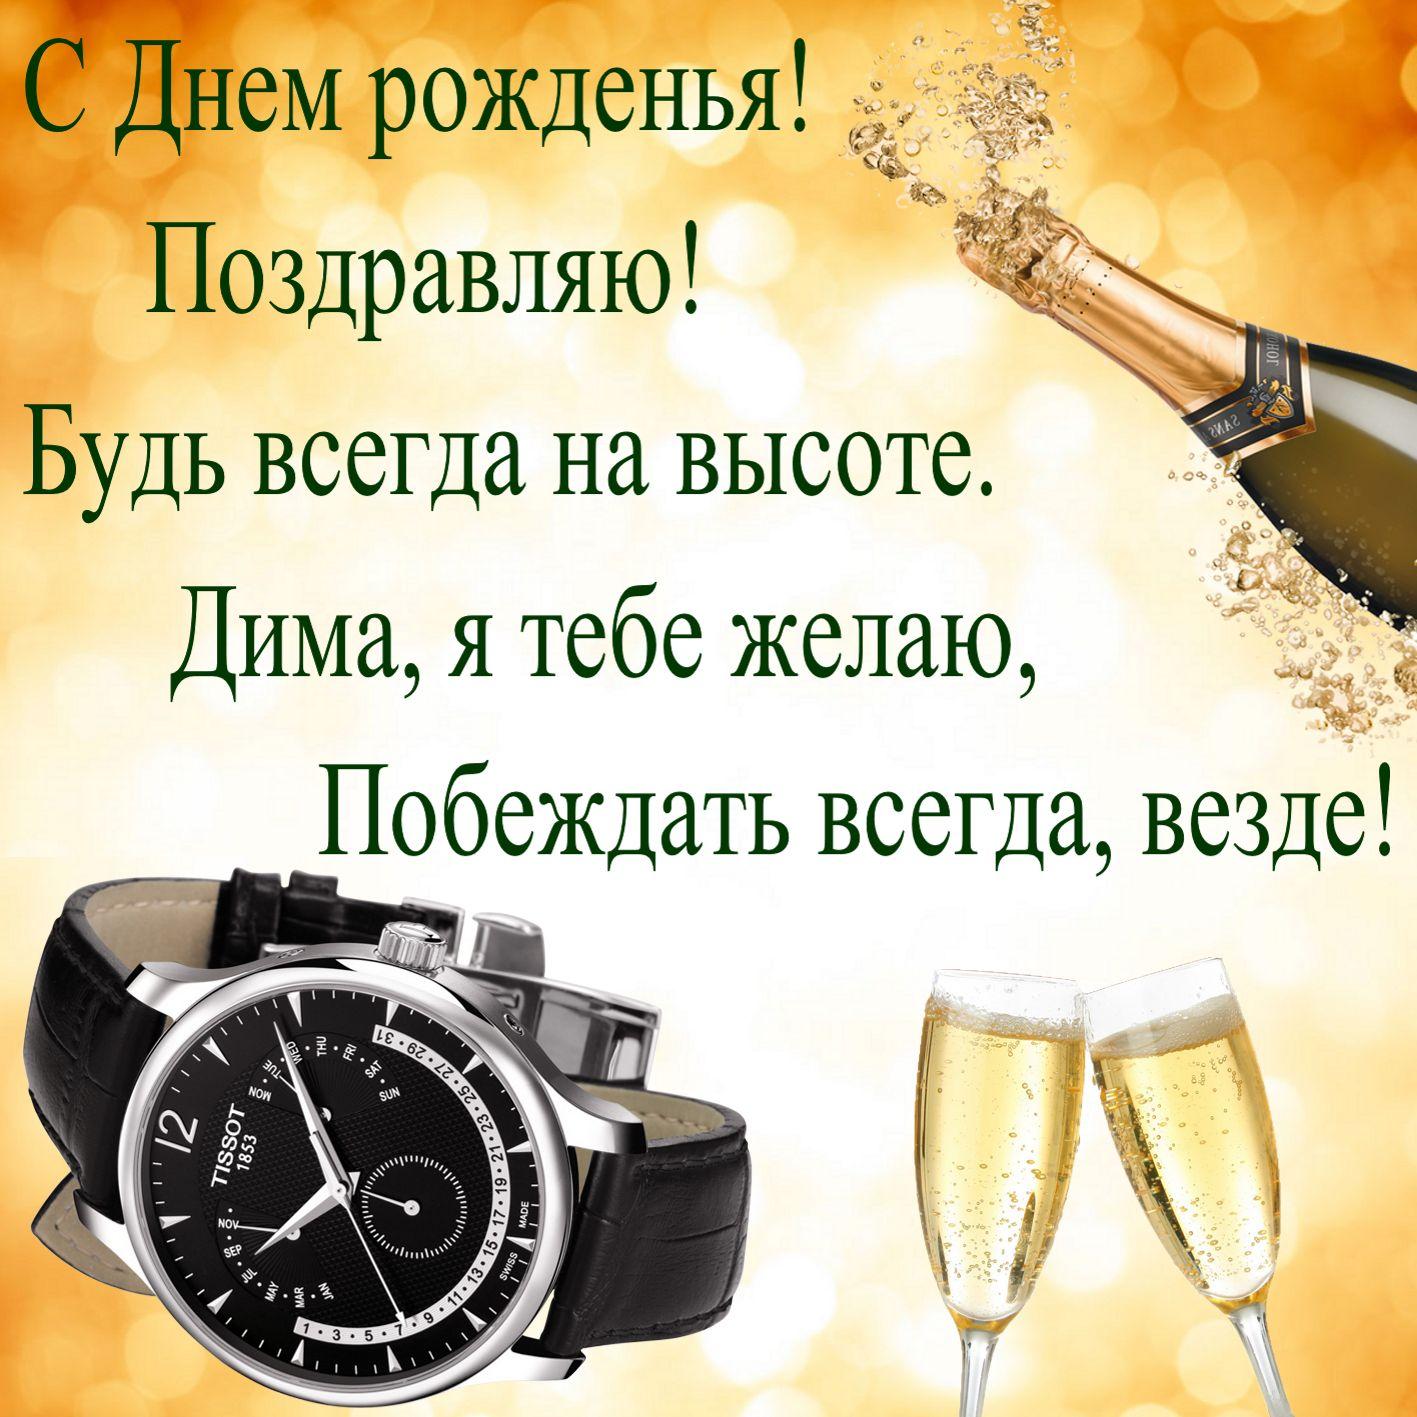 Открытка на День рождения Дмитрию - стихи на фоне шампанского и часов